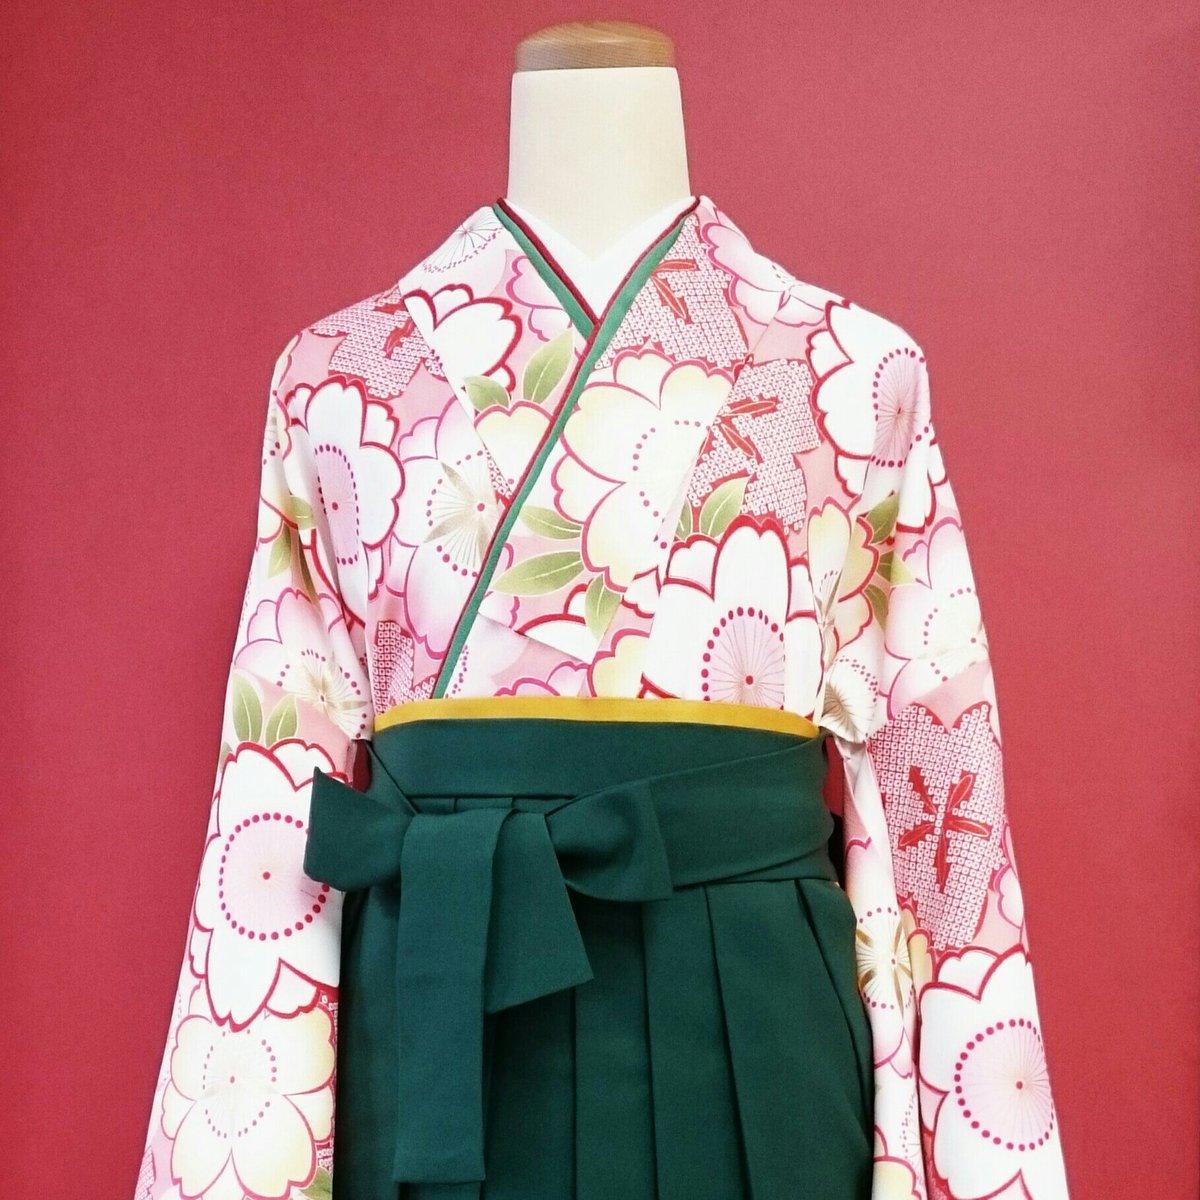 百人一首  競技かるた  の季節ですね。漫画「ちはやふる」の 大江 奏 さんをイメージして、袴姿の着付けをしてみました。